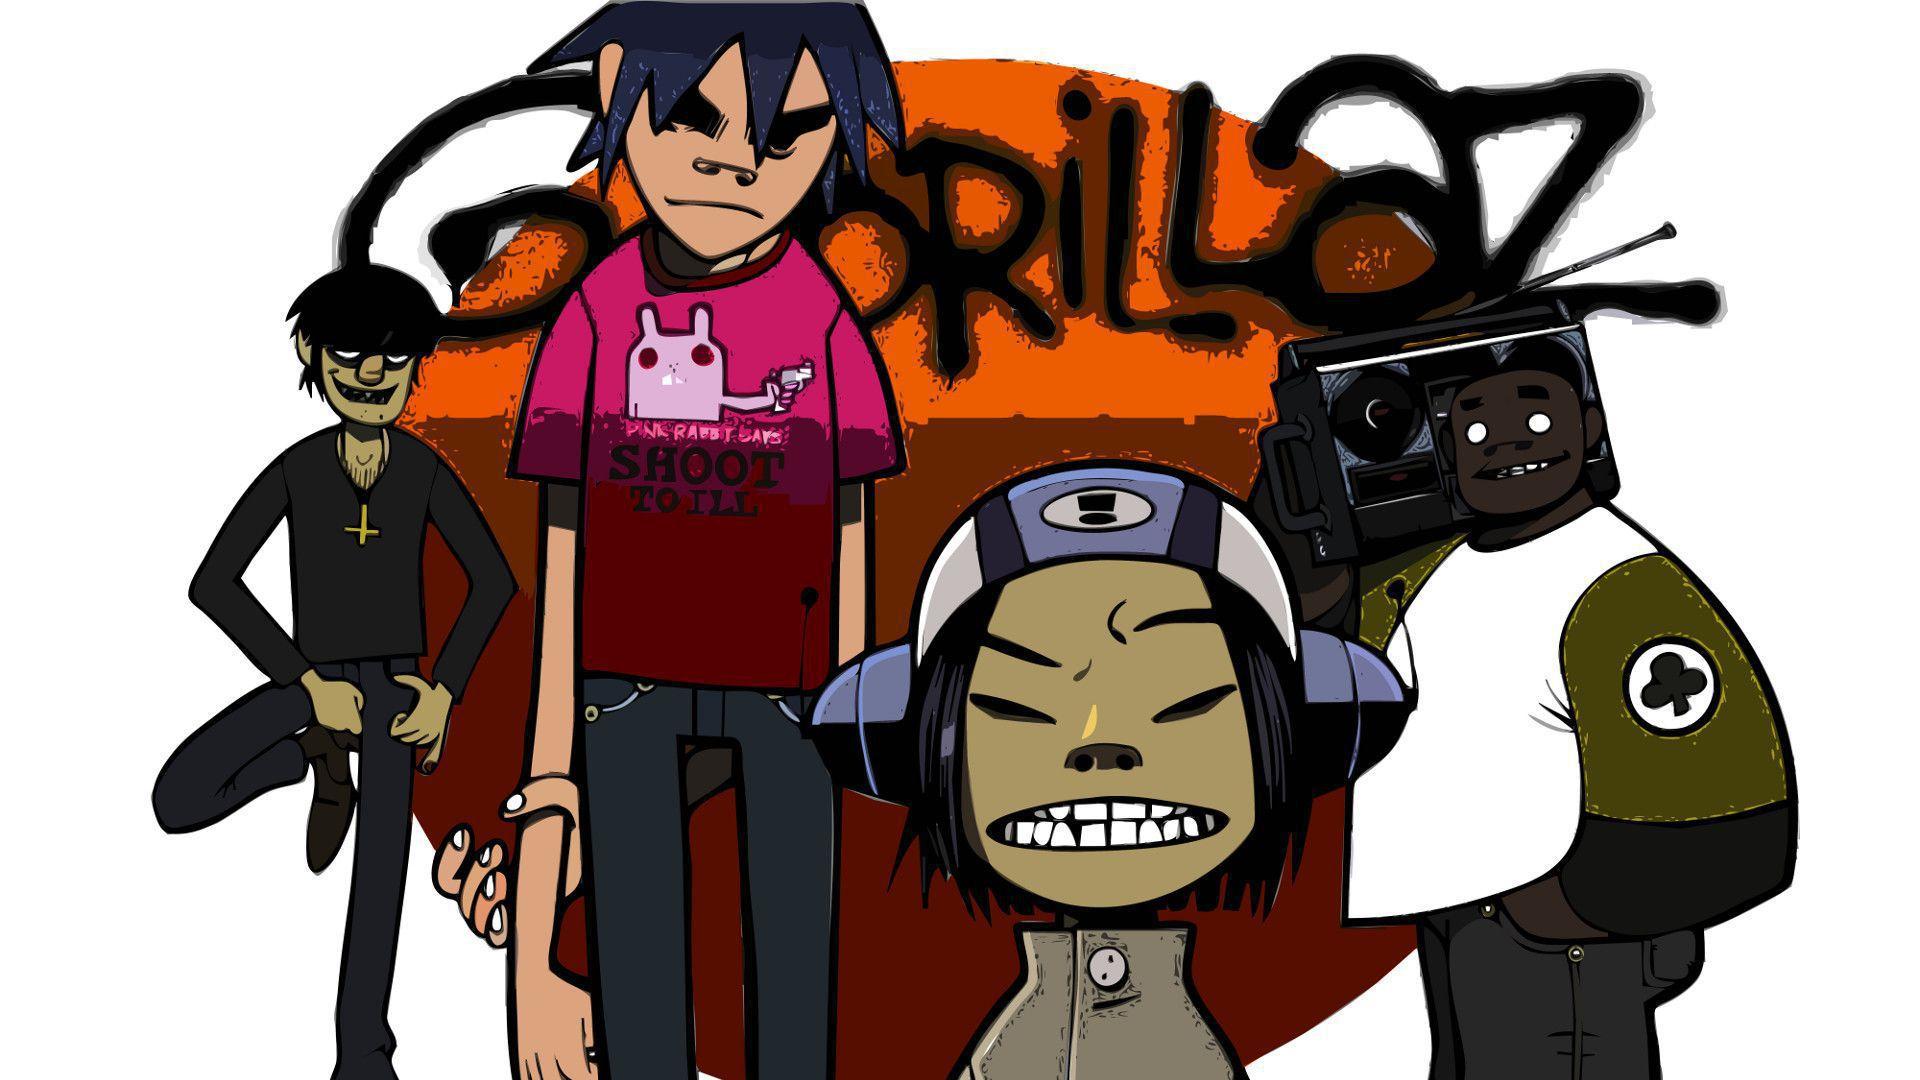 Gorillaz Wallpaper - Gorillaz Poster , HD Wallpaper & Backgrounds